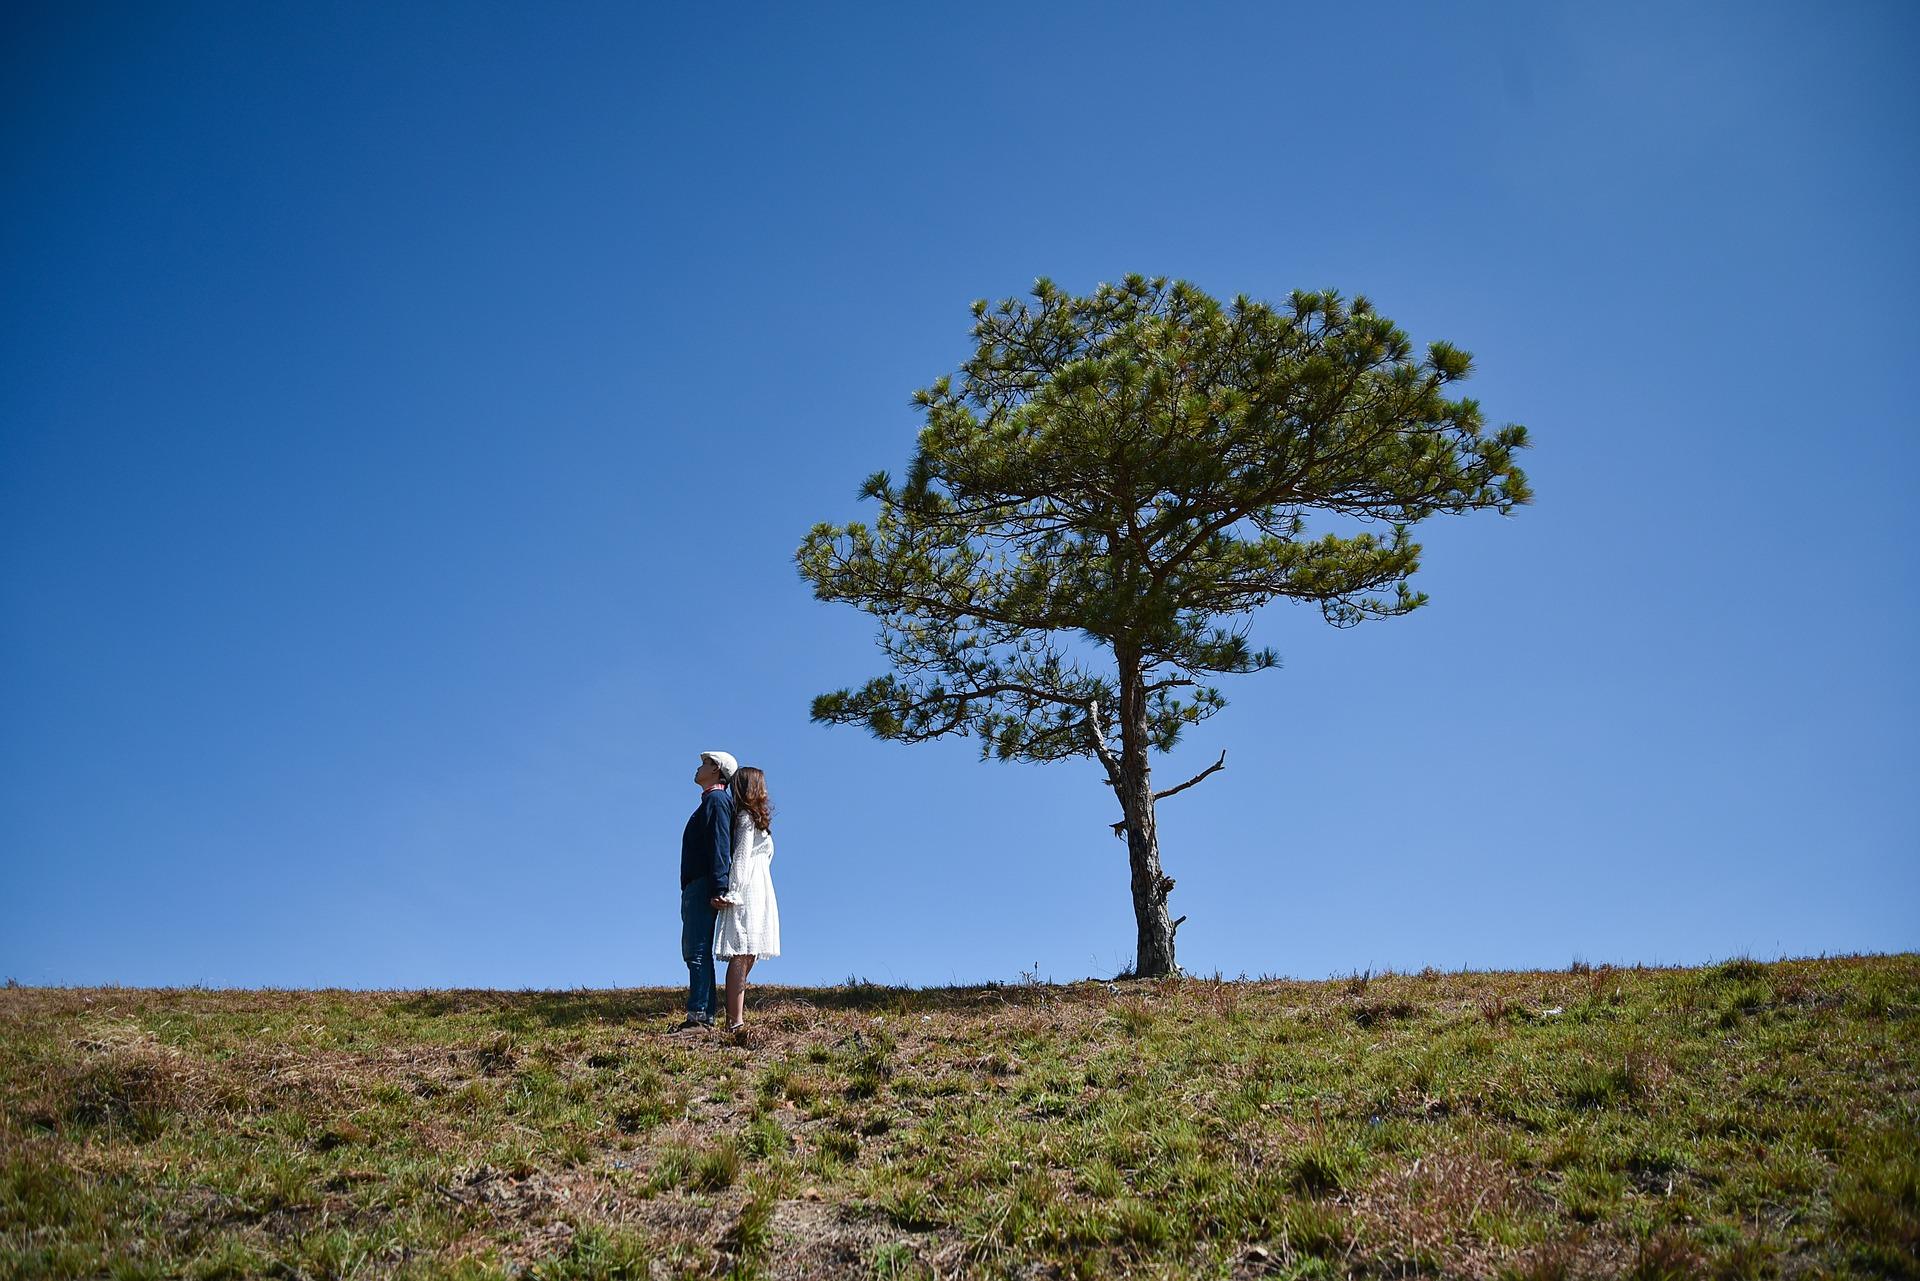 para, drzewo, ziemia, natura, niebo, kobieta, mężczyzna